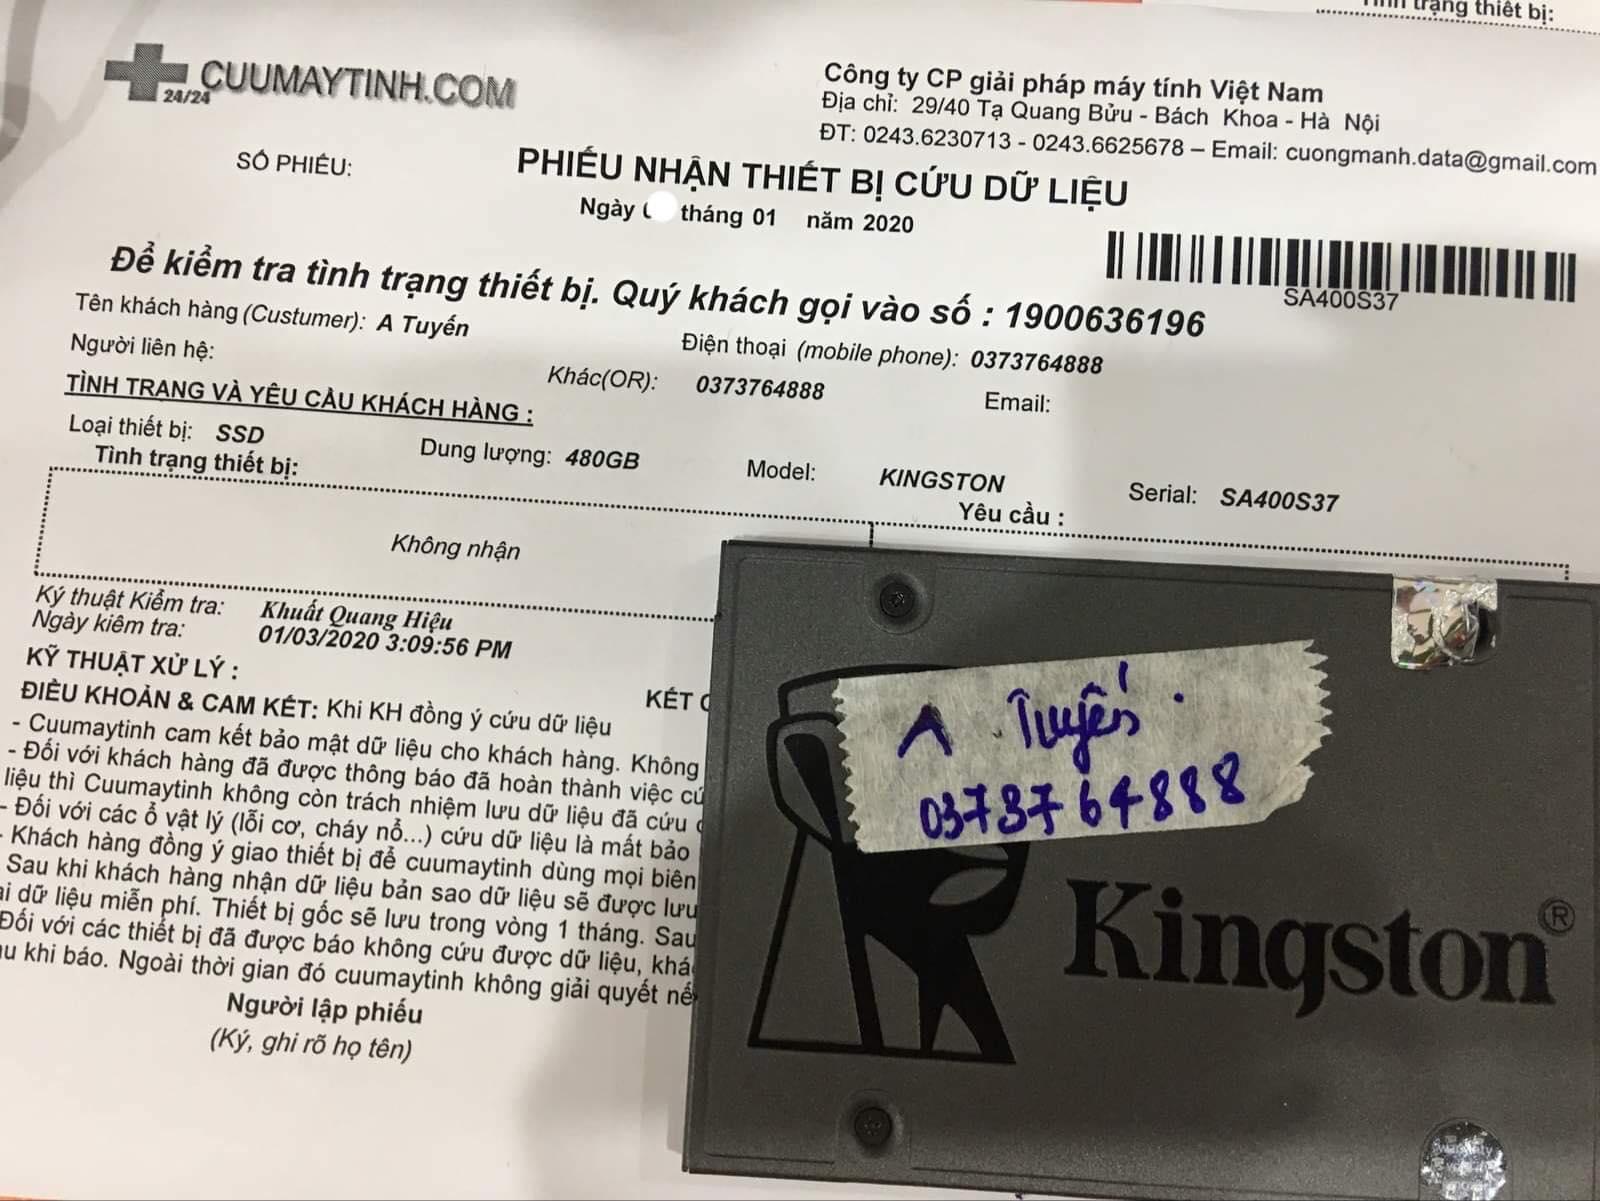 Phục hồi dữ liệu ổ cứng SSD Kingston 480GB không nhận 09/01/2020 - cuumaytinh